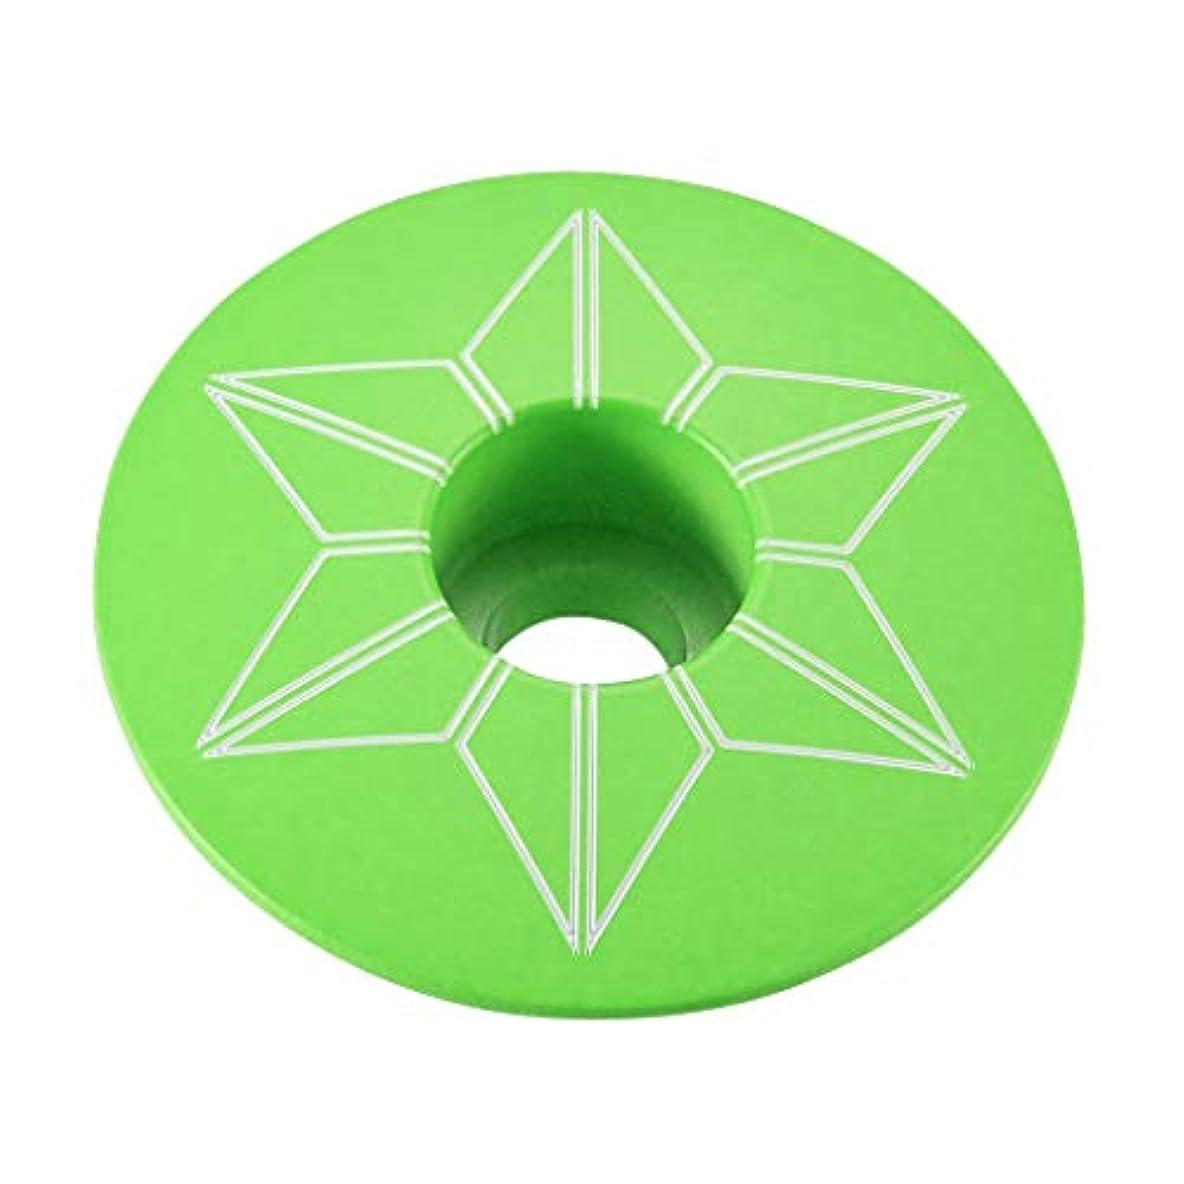 水っぽい帝国主義無秩序スパカズ SUPACAZ Neon Green アルミトップキャップ ネオングリーン powder coated